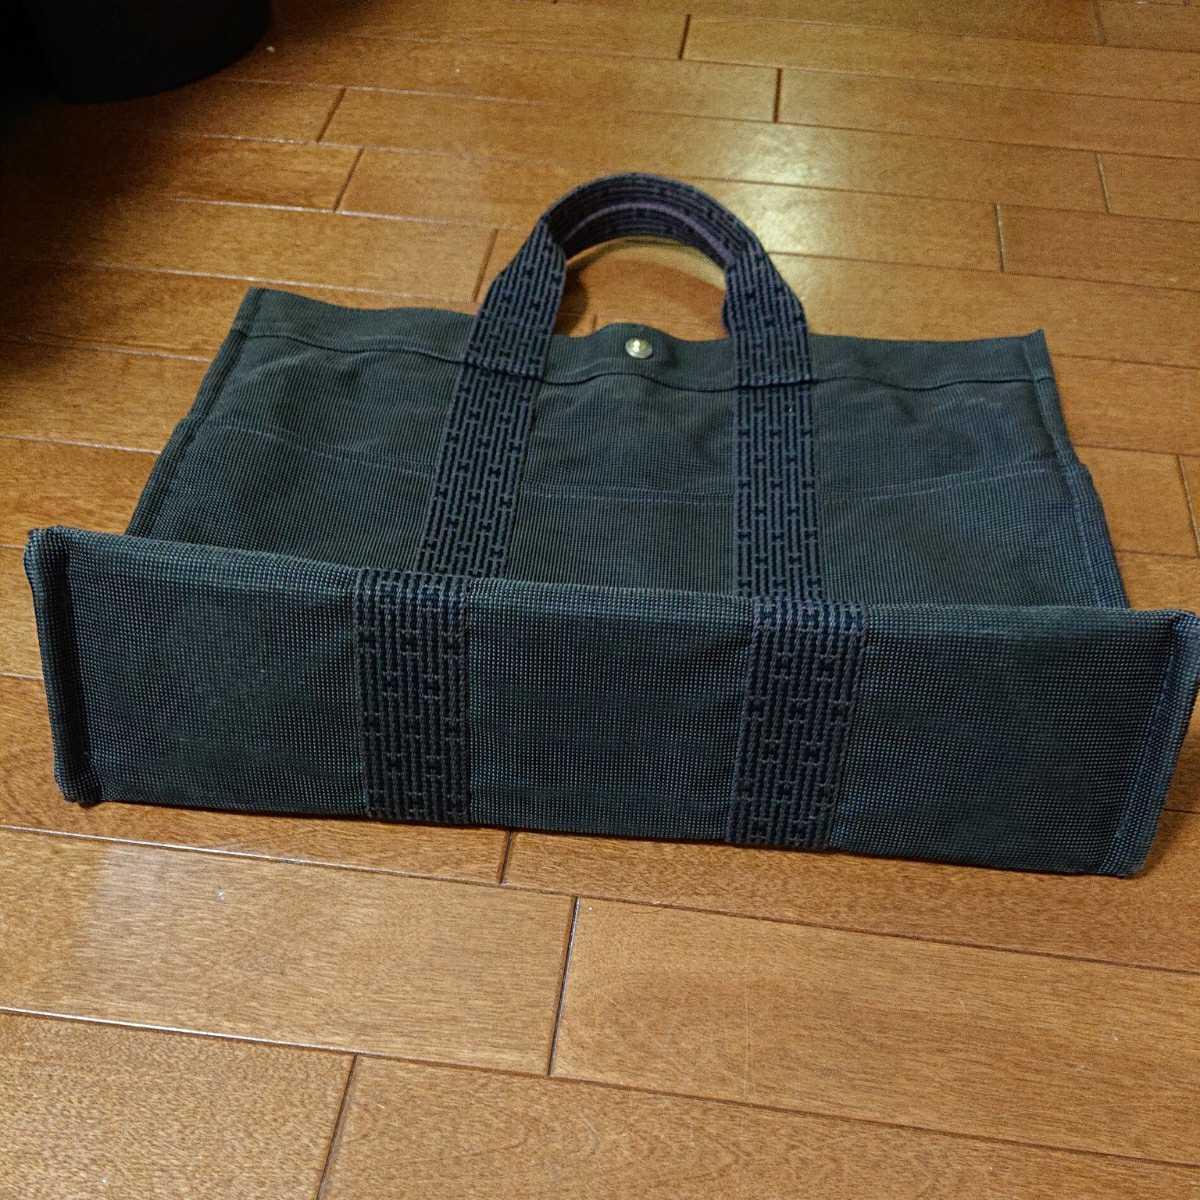 エルメス エルメスエールライン トートバッグ フールトゥ HERMES バッグ 男女兼用 ビジネスカバン 鞄 かばん 黒 ブラック_画像3